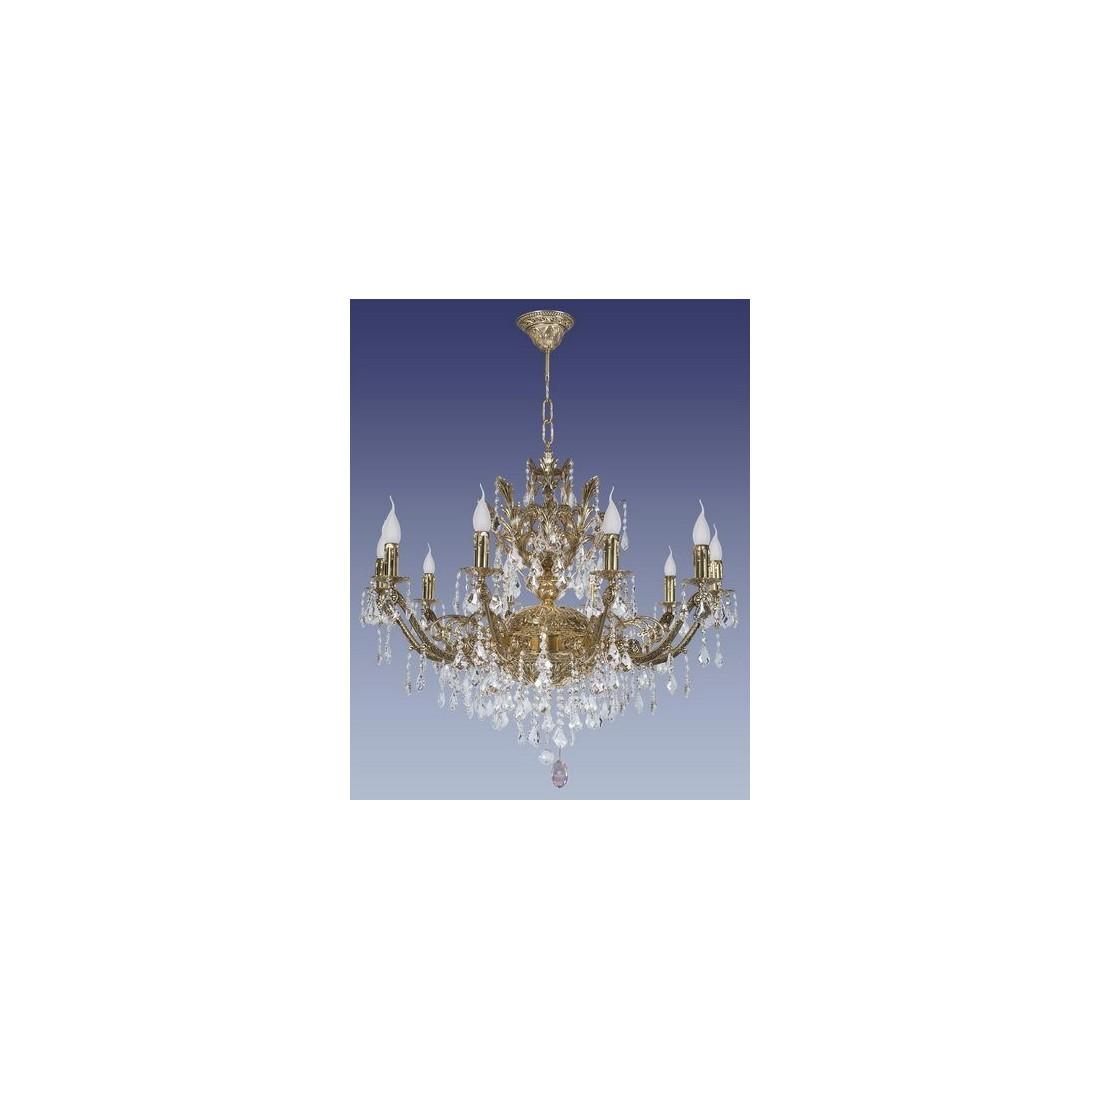 Lamparas tiffany lamparas tiffany online comprar - Tipos de lamparas de techo ...